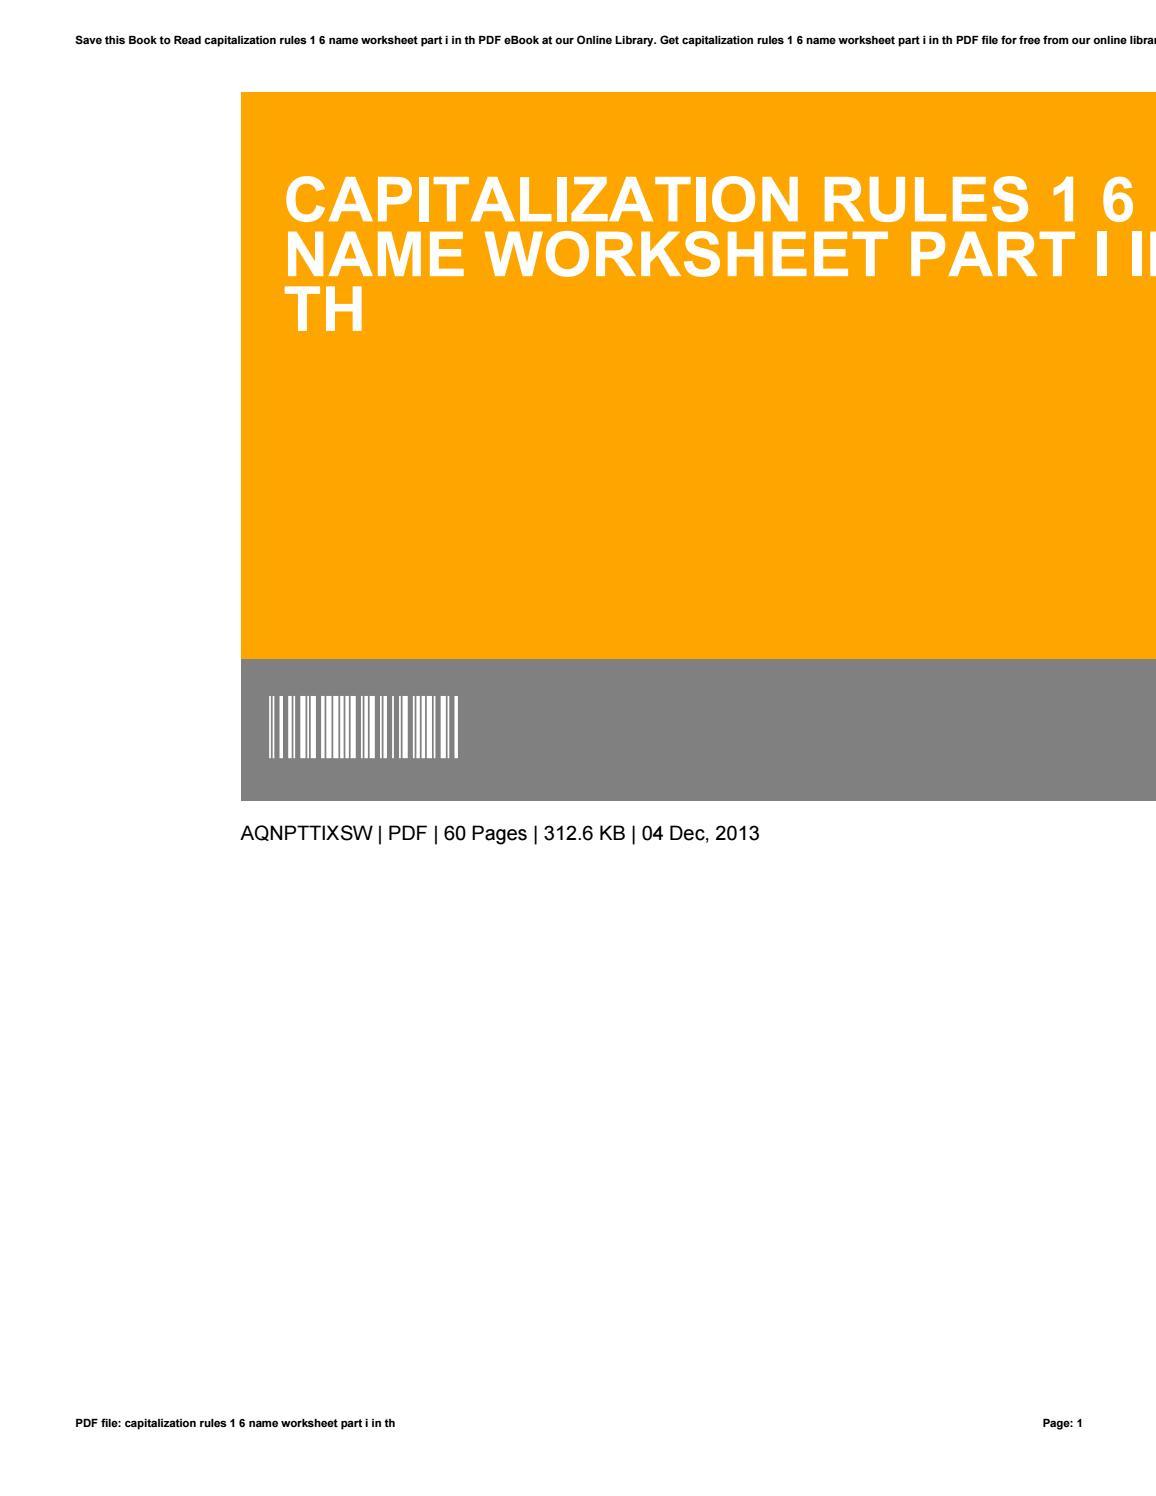 worksheet Capitalization Rules Worksheets capitalization rules 1 6 name worksheet part i in th by ruthabbott2177 issuu